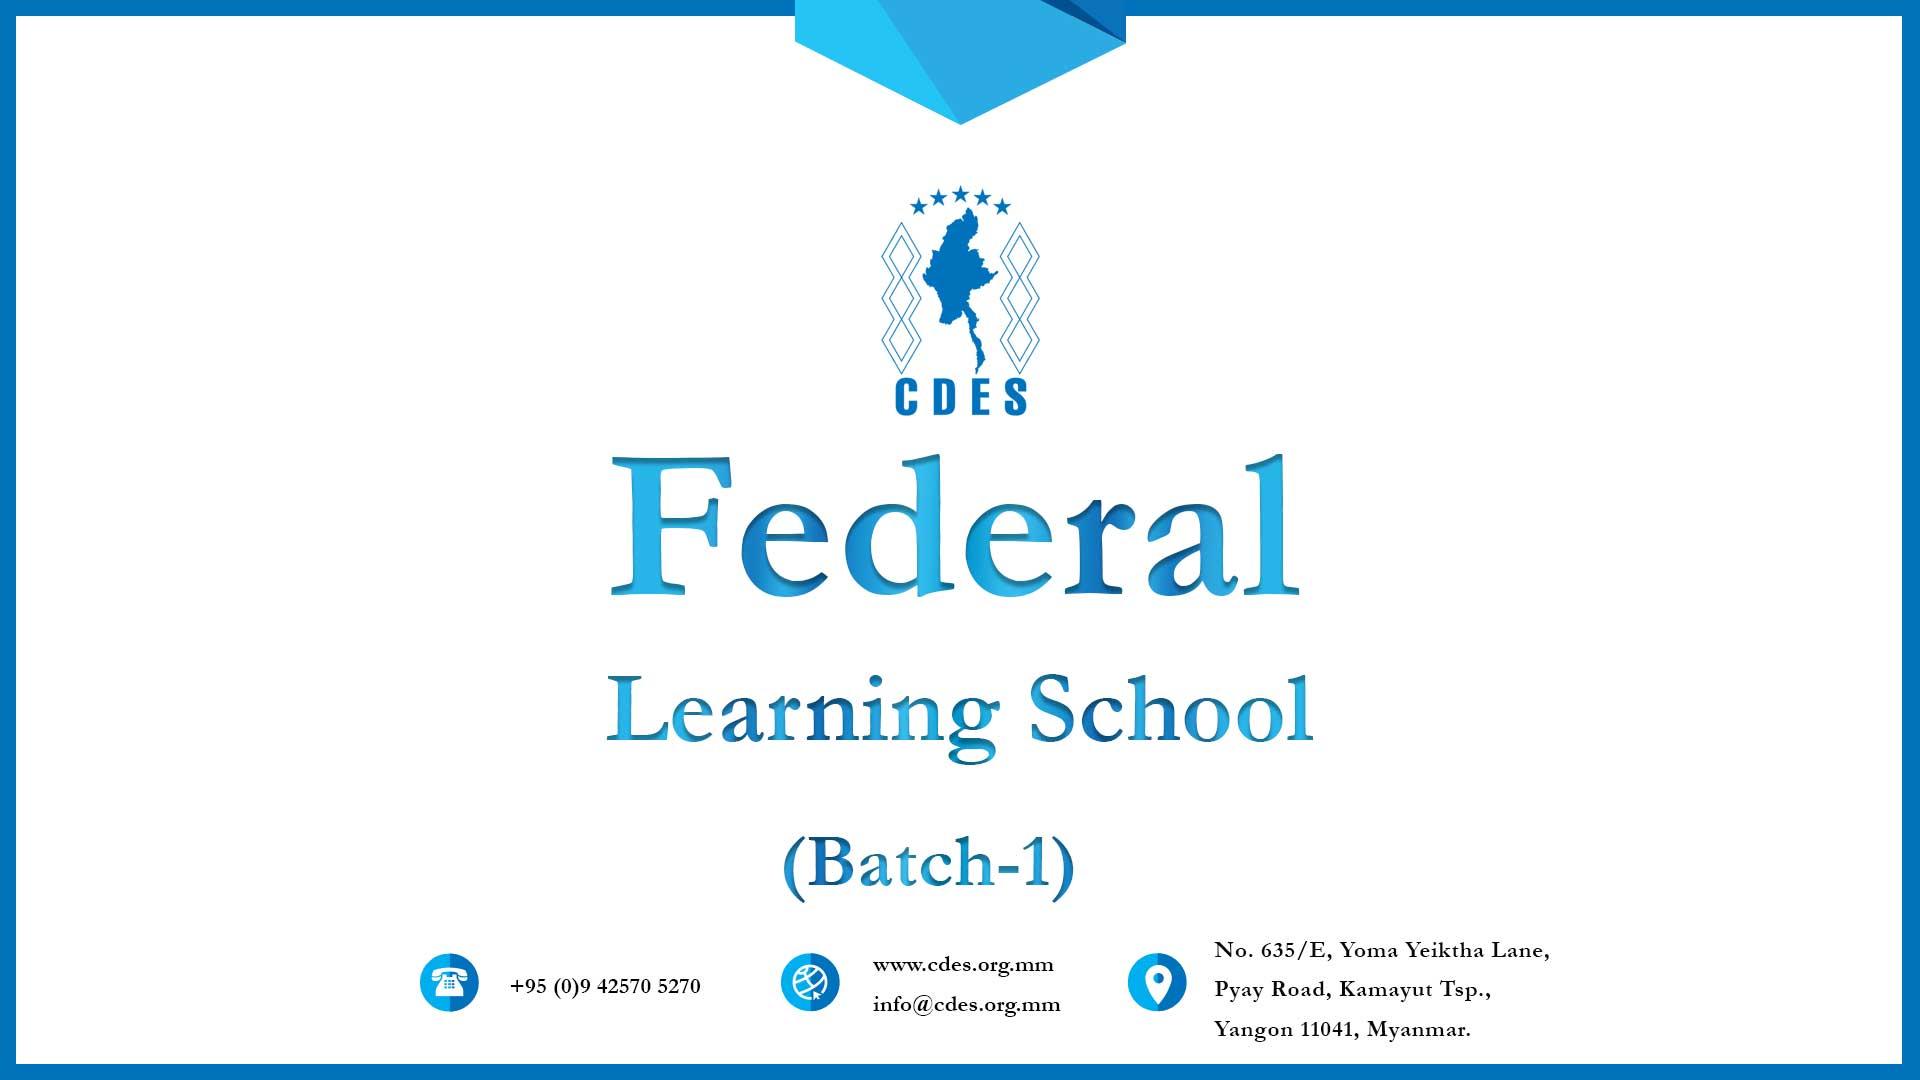 Federal Learning School